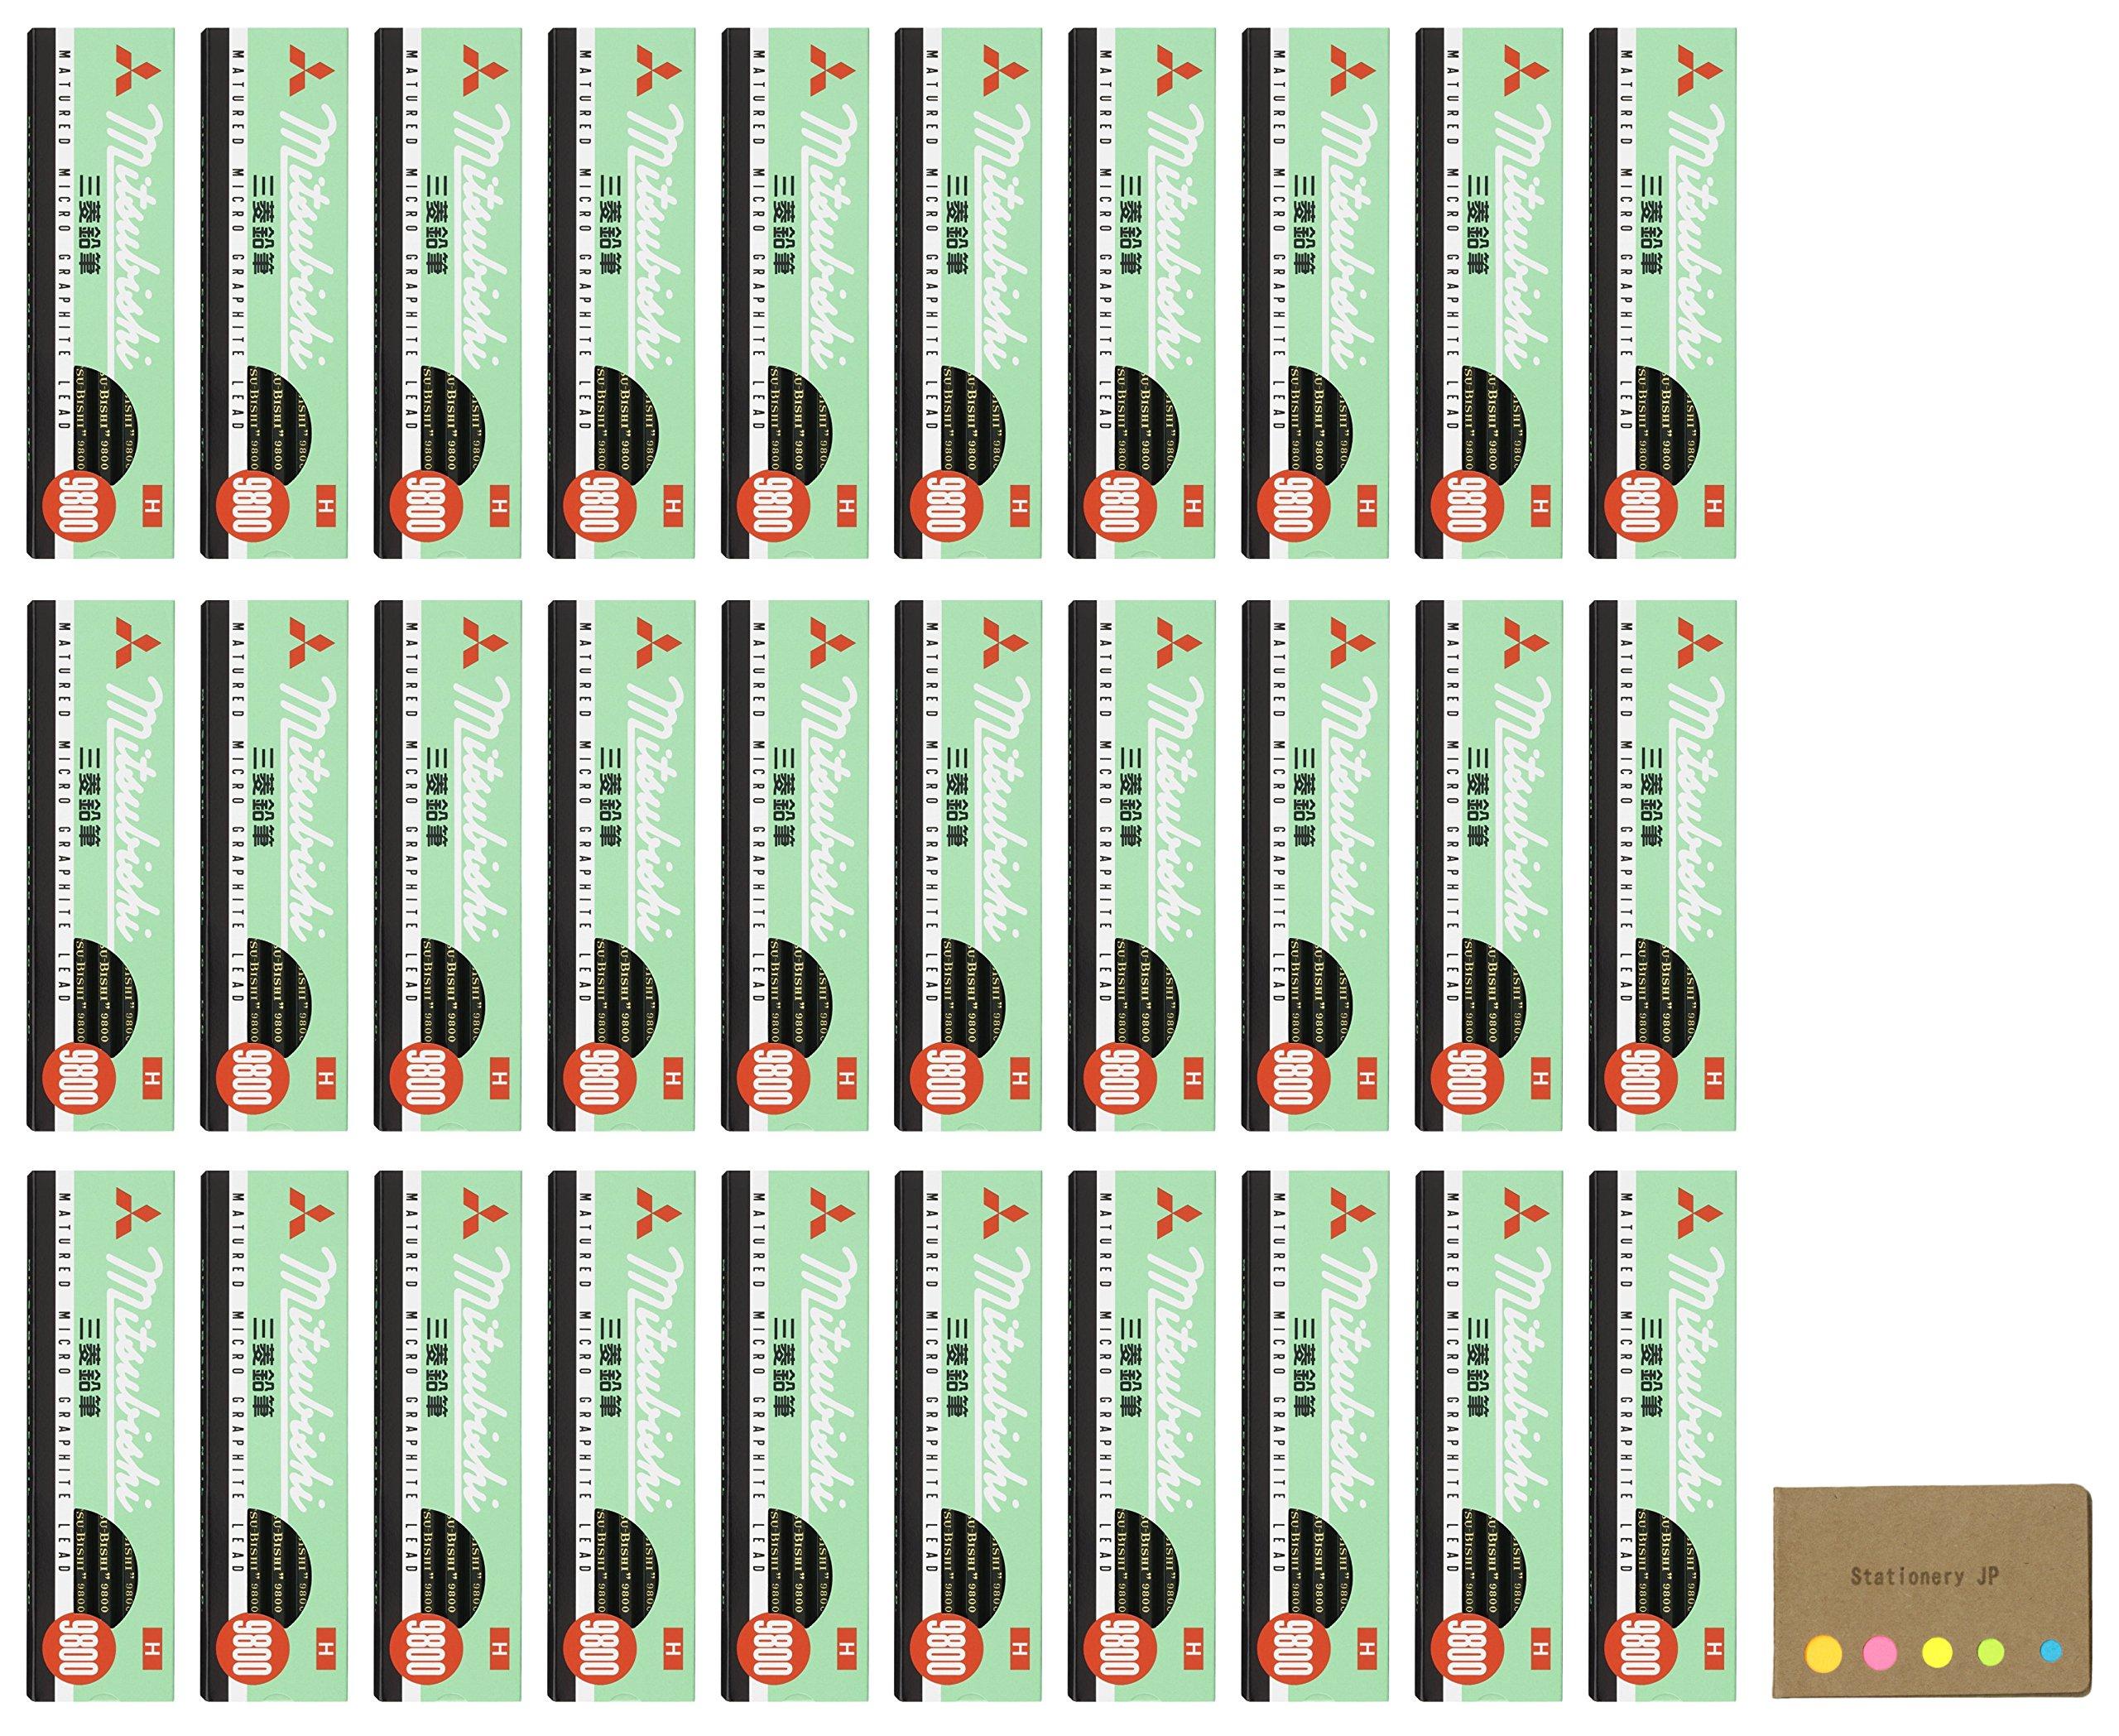 Uni Mitsubishi 9800 Pencil, H, 30-pack/total 360 pcs, Sticky Notes Value Set